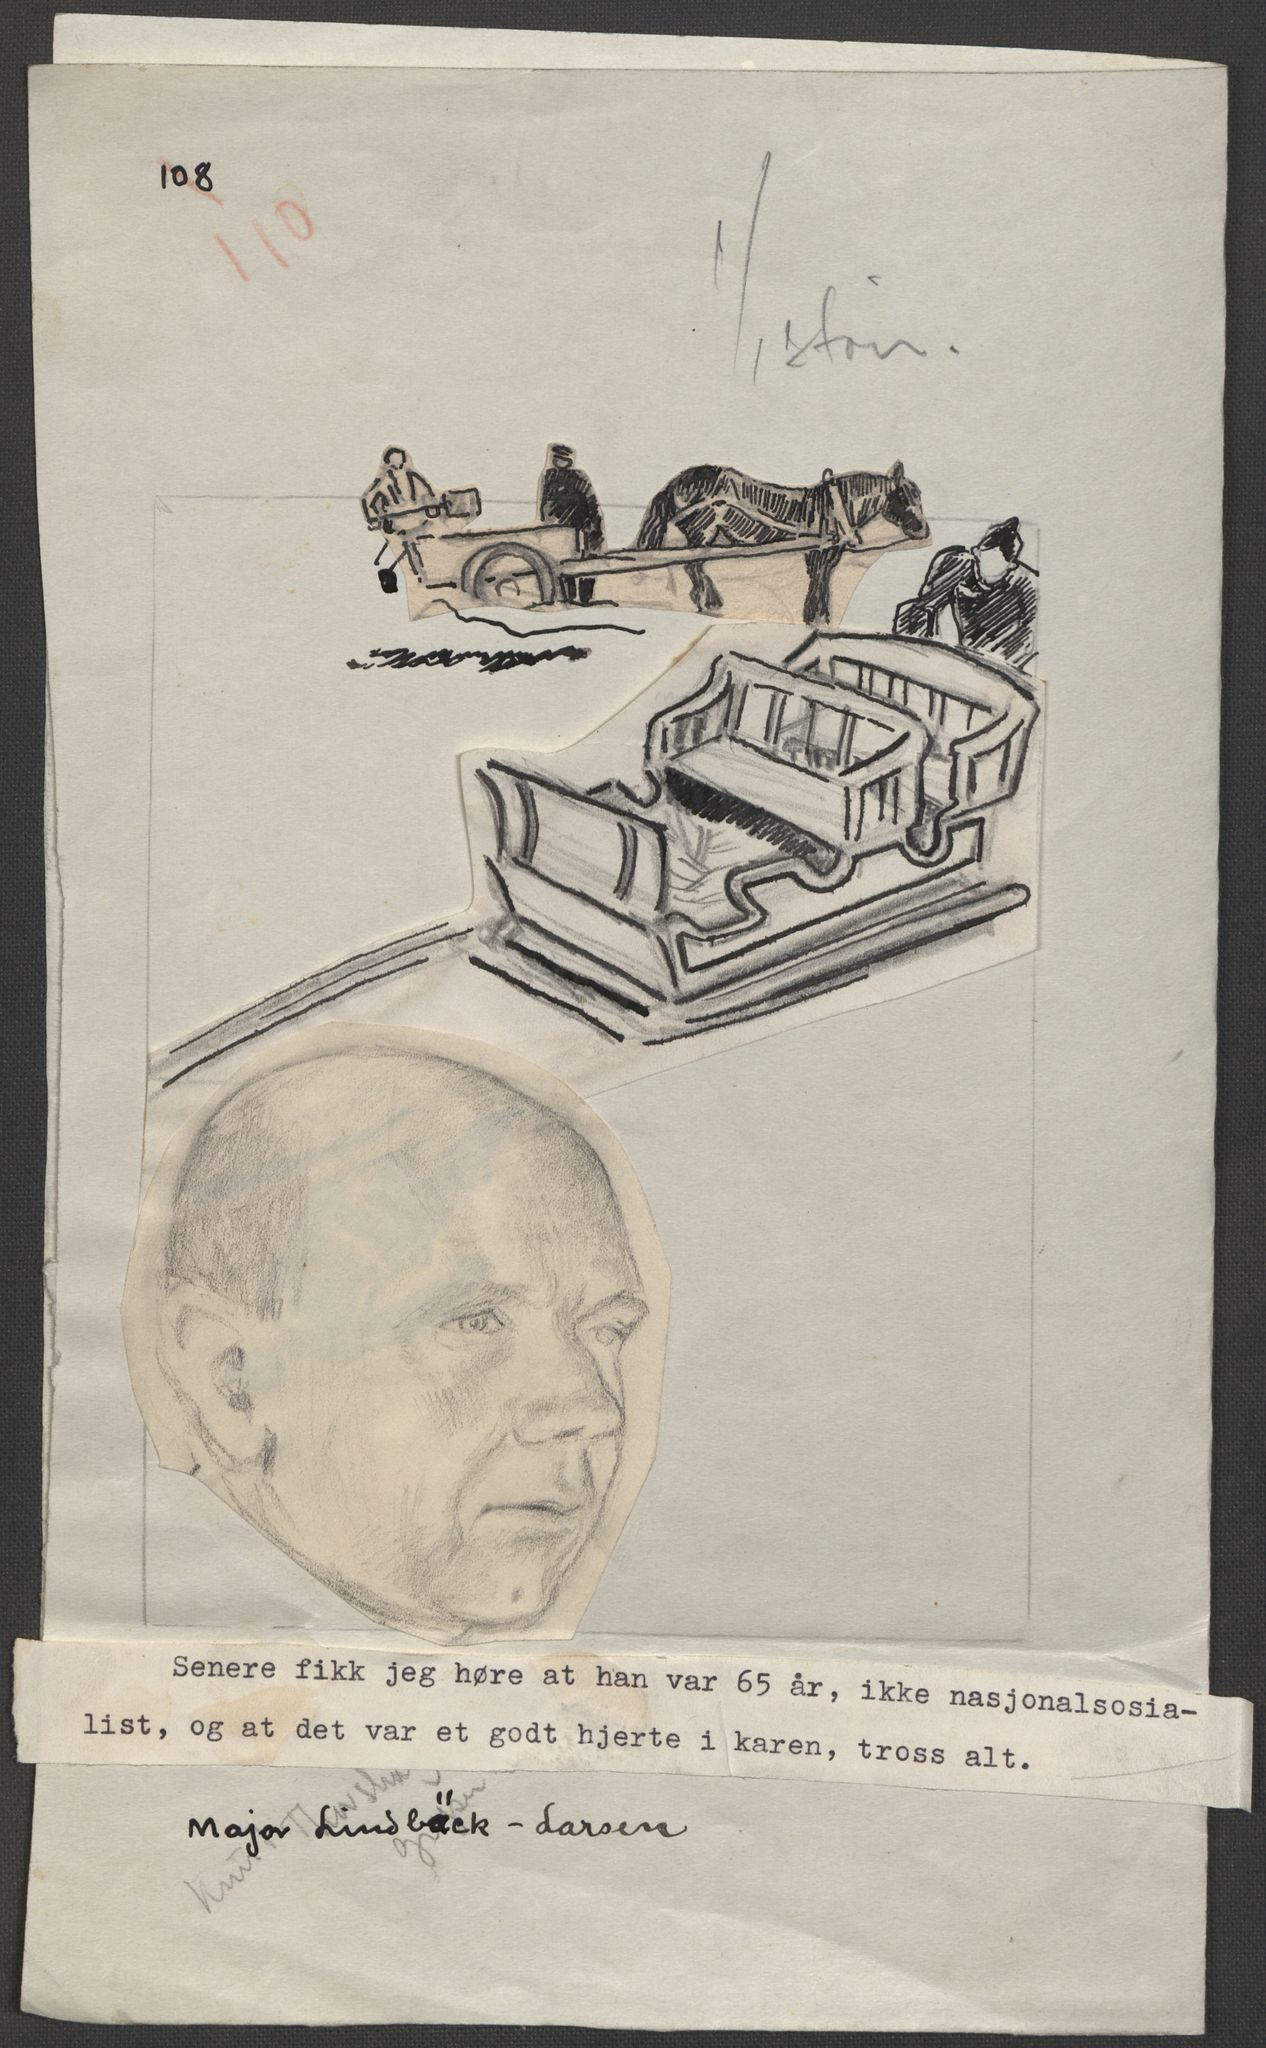 RA, Grøgaard, Joachim, F/L0002: Tegninger og tekster, 1942-1945, s. 82